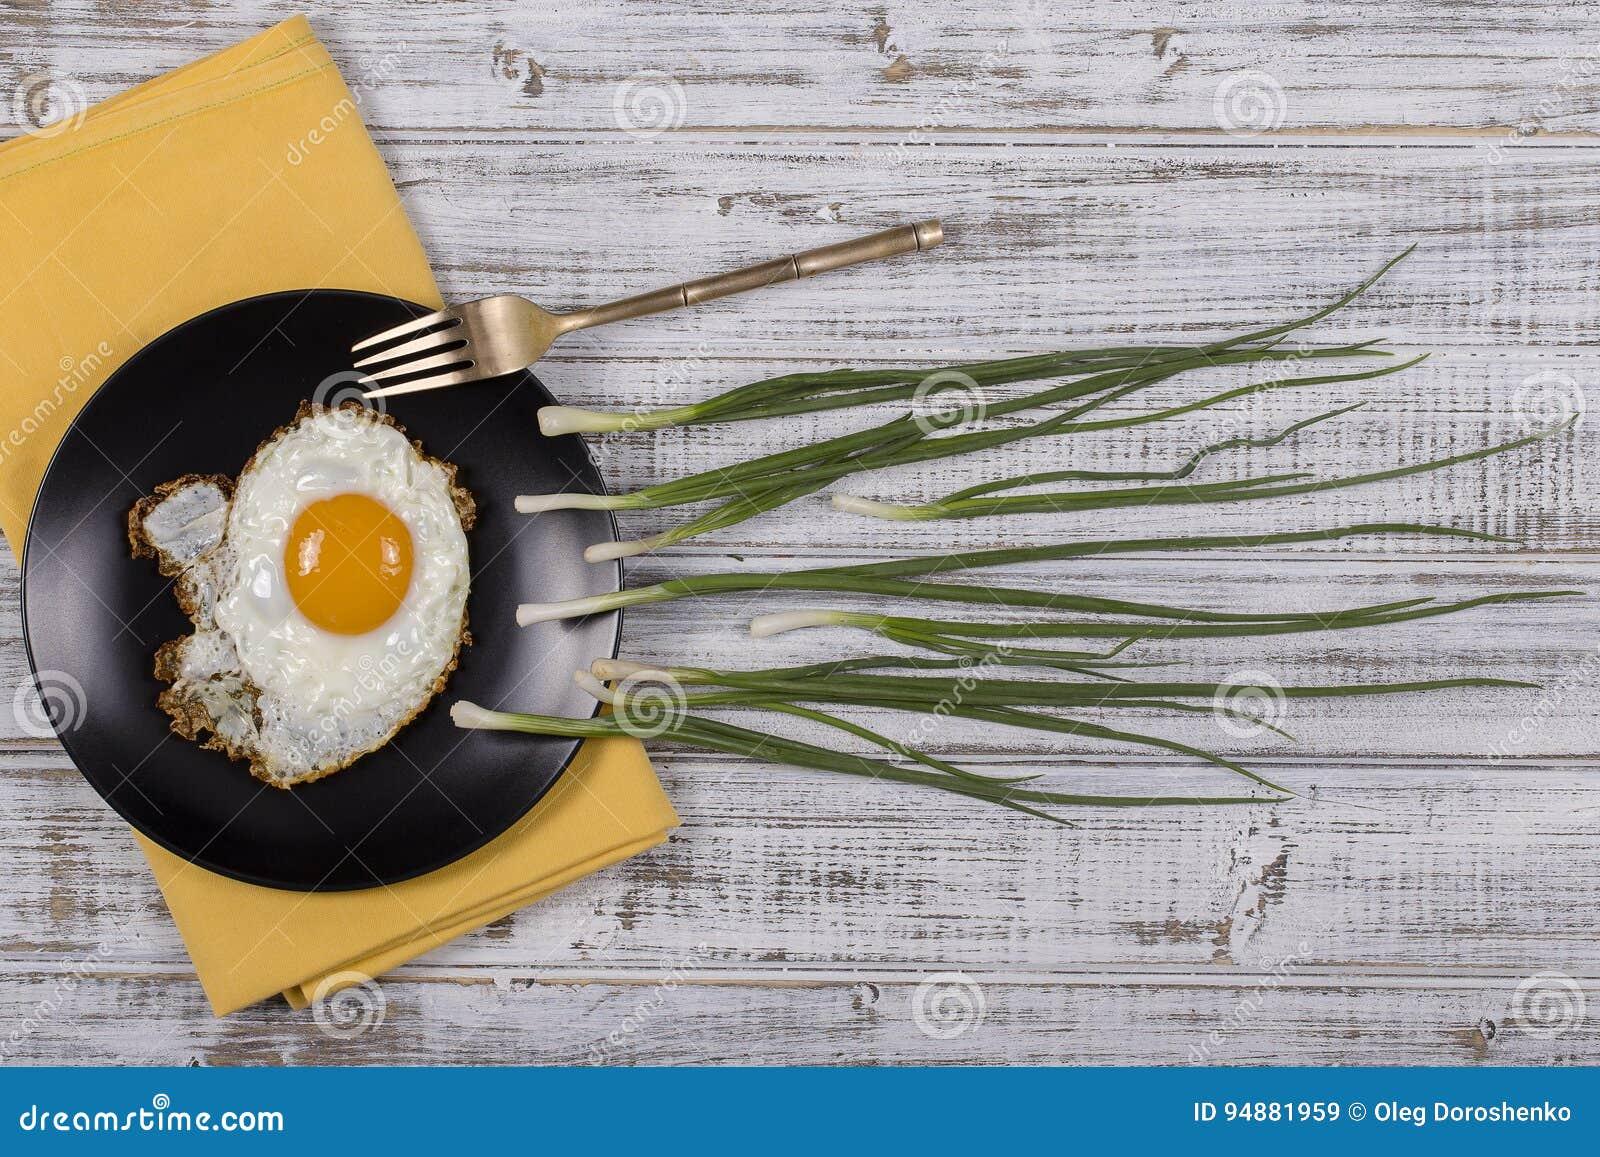 Το αυγό, τα φρέσκα κρεμμύδια και το μαύρο πιάτο μοιάζουν με τον ανταγωνισμό σπέρματος, Spermatozoons που επιπλέει στο ωάριο στο ά